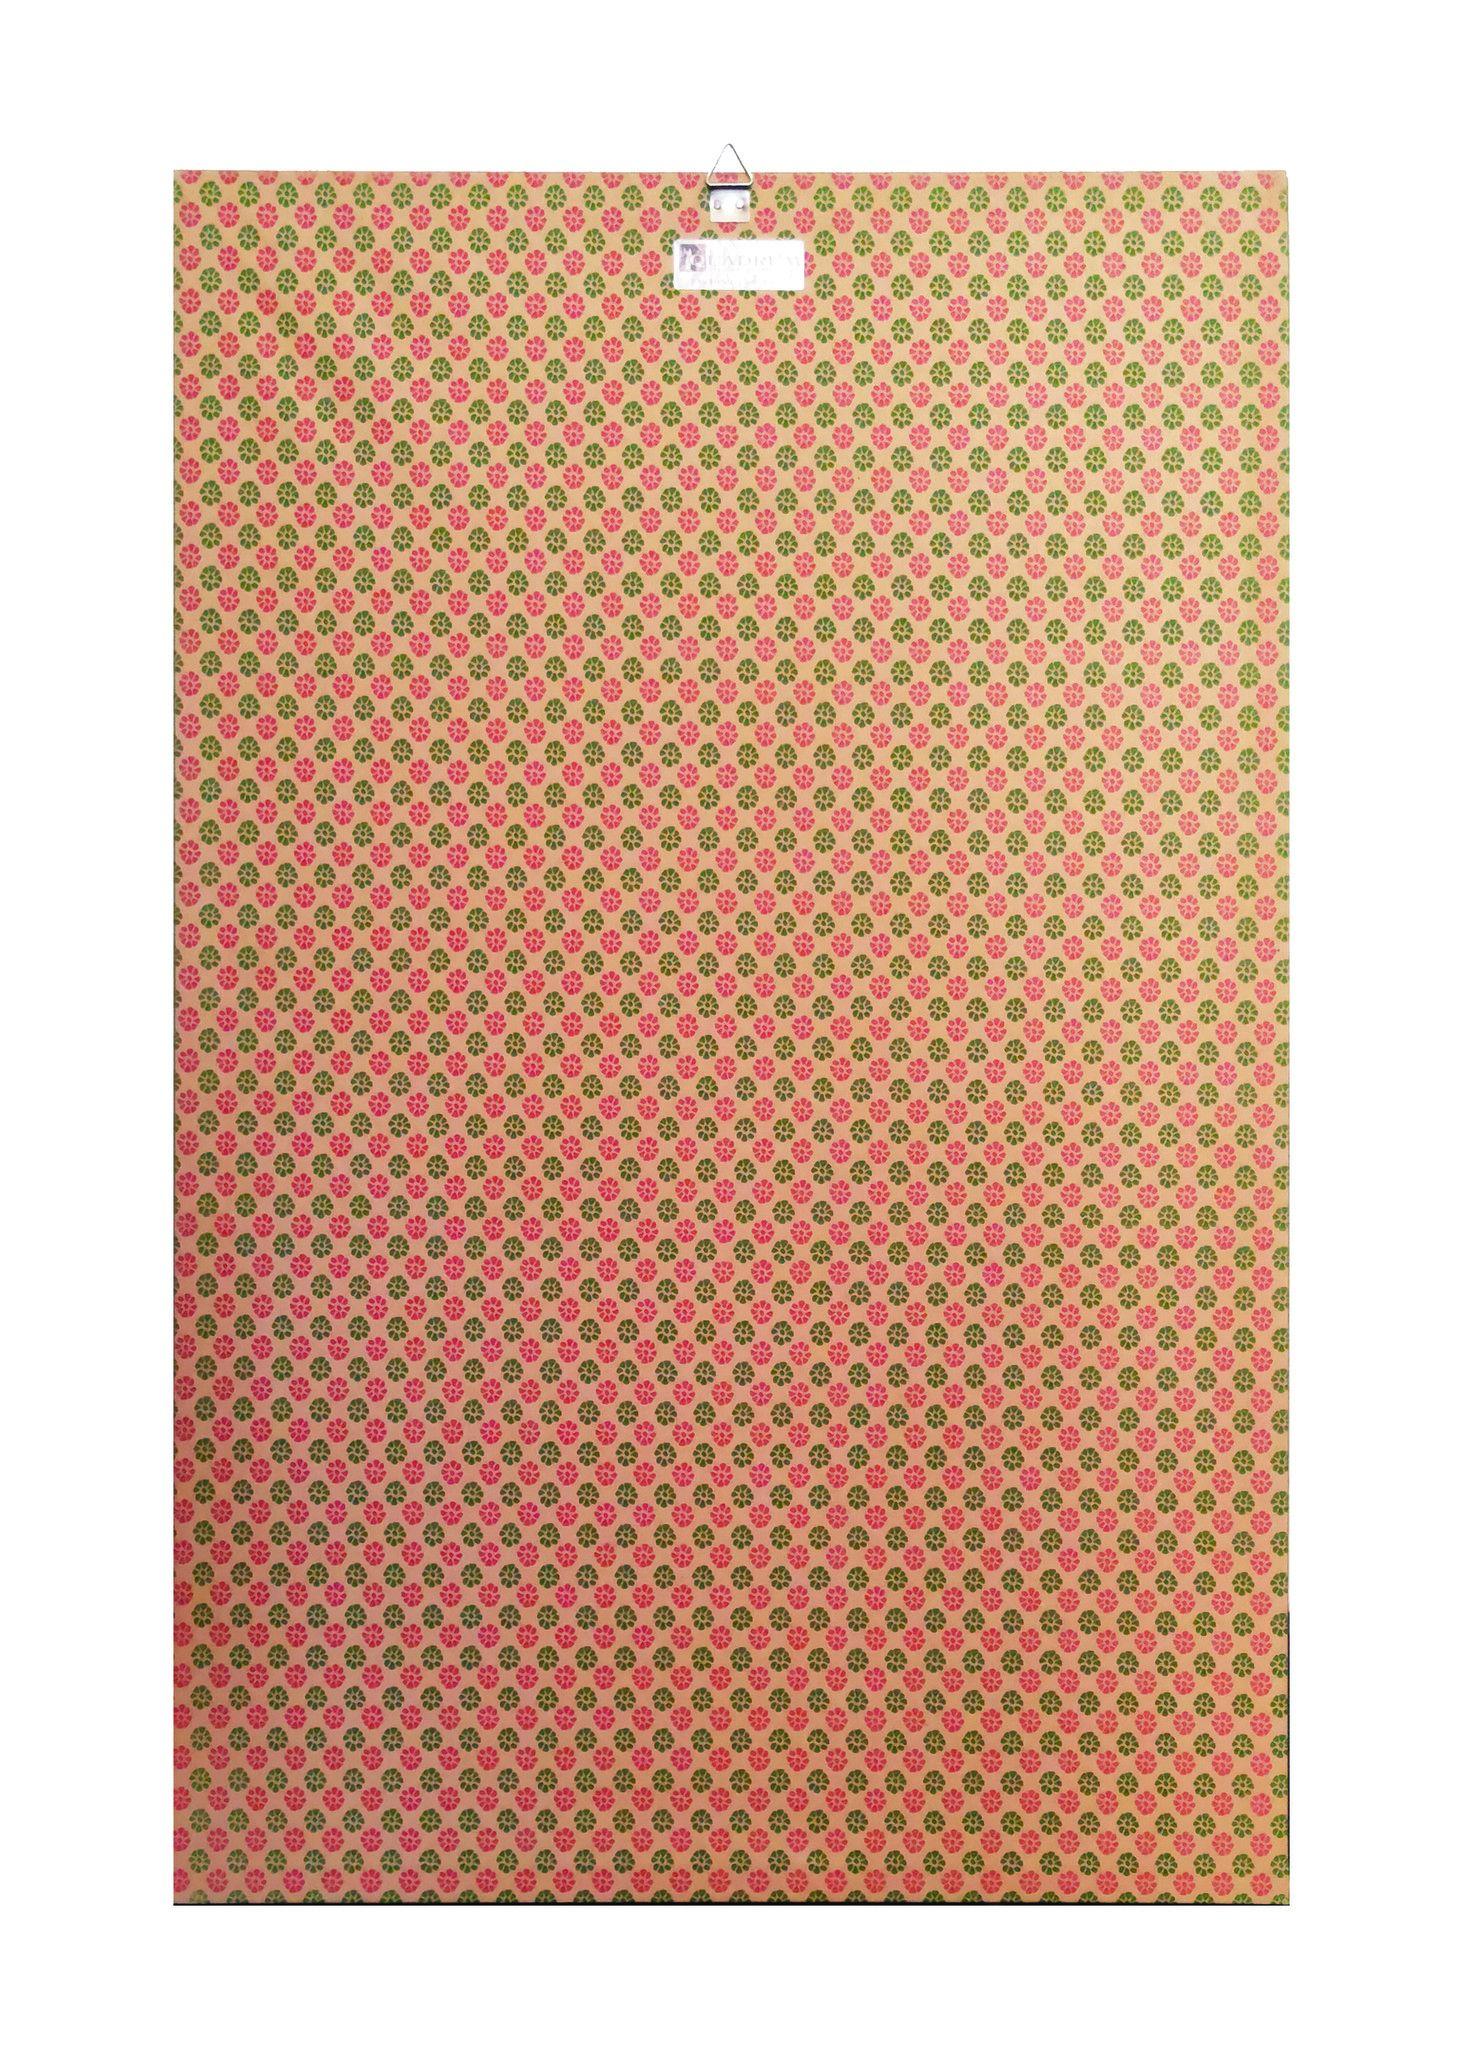 ACQUERELLO SU CARTA  VIVIAN  NARDUZZI ' GEISHA NEL GIARDINO DI GION '  dimensioni L 36 x H 48 cm.